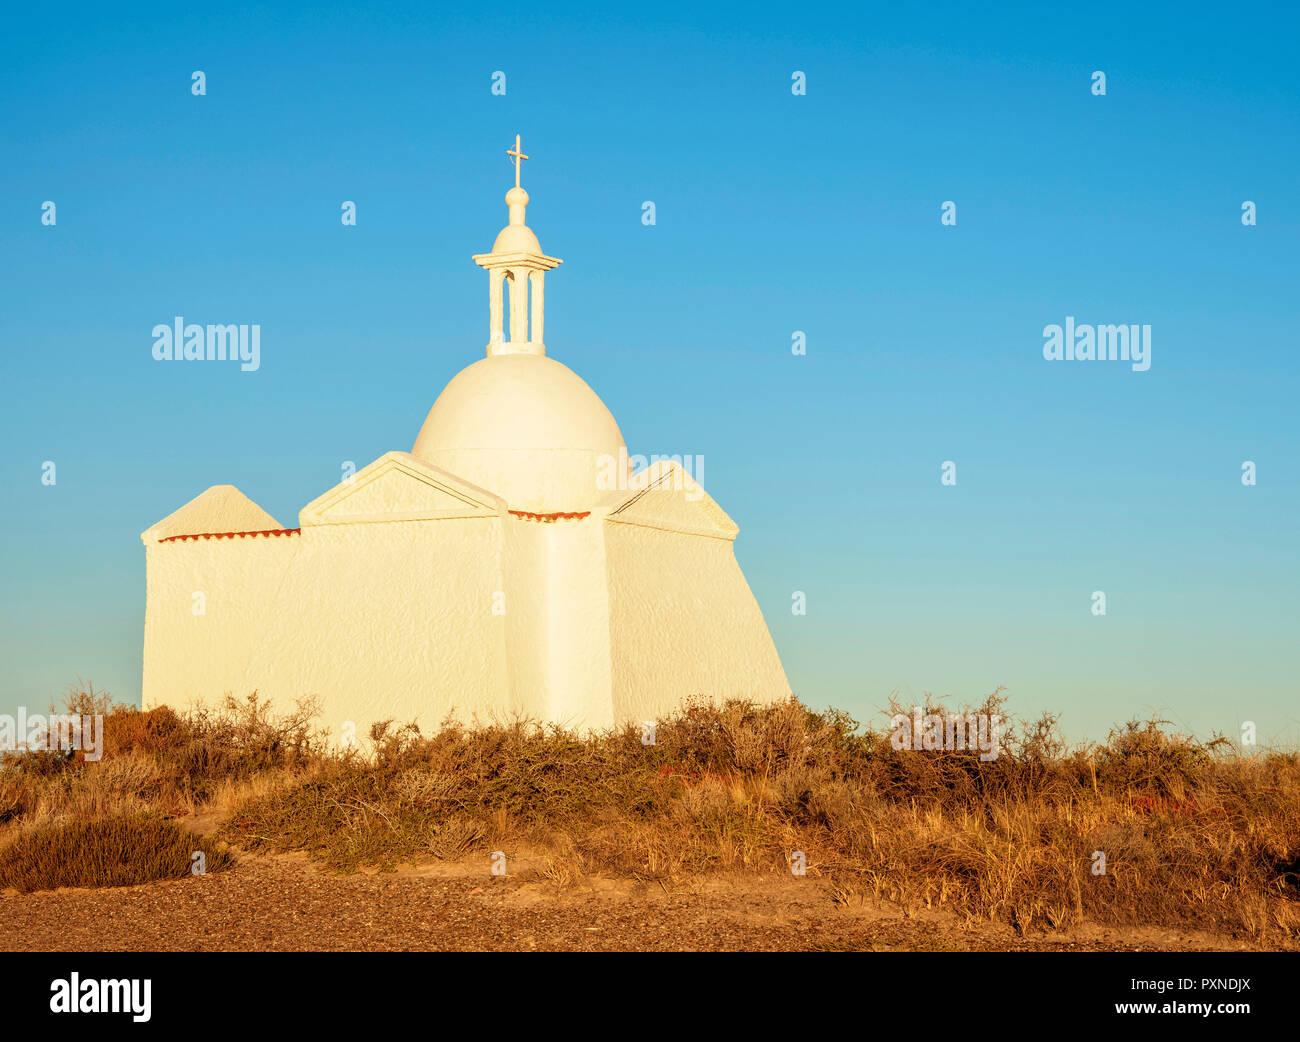 Fuerte San Jose Cappella, Penisola di Valdes, Sito Patrimonio Mondiale dell'UNESCO, Chubut Provincia, Patagonia, Argentina Immagini Stock